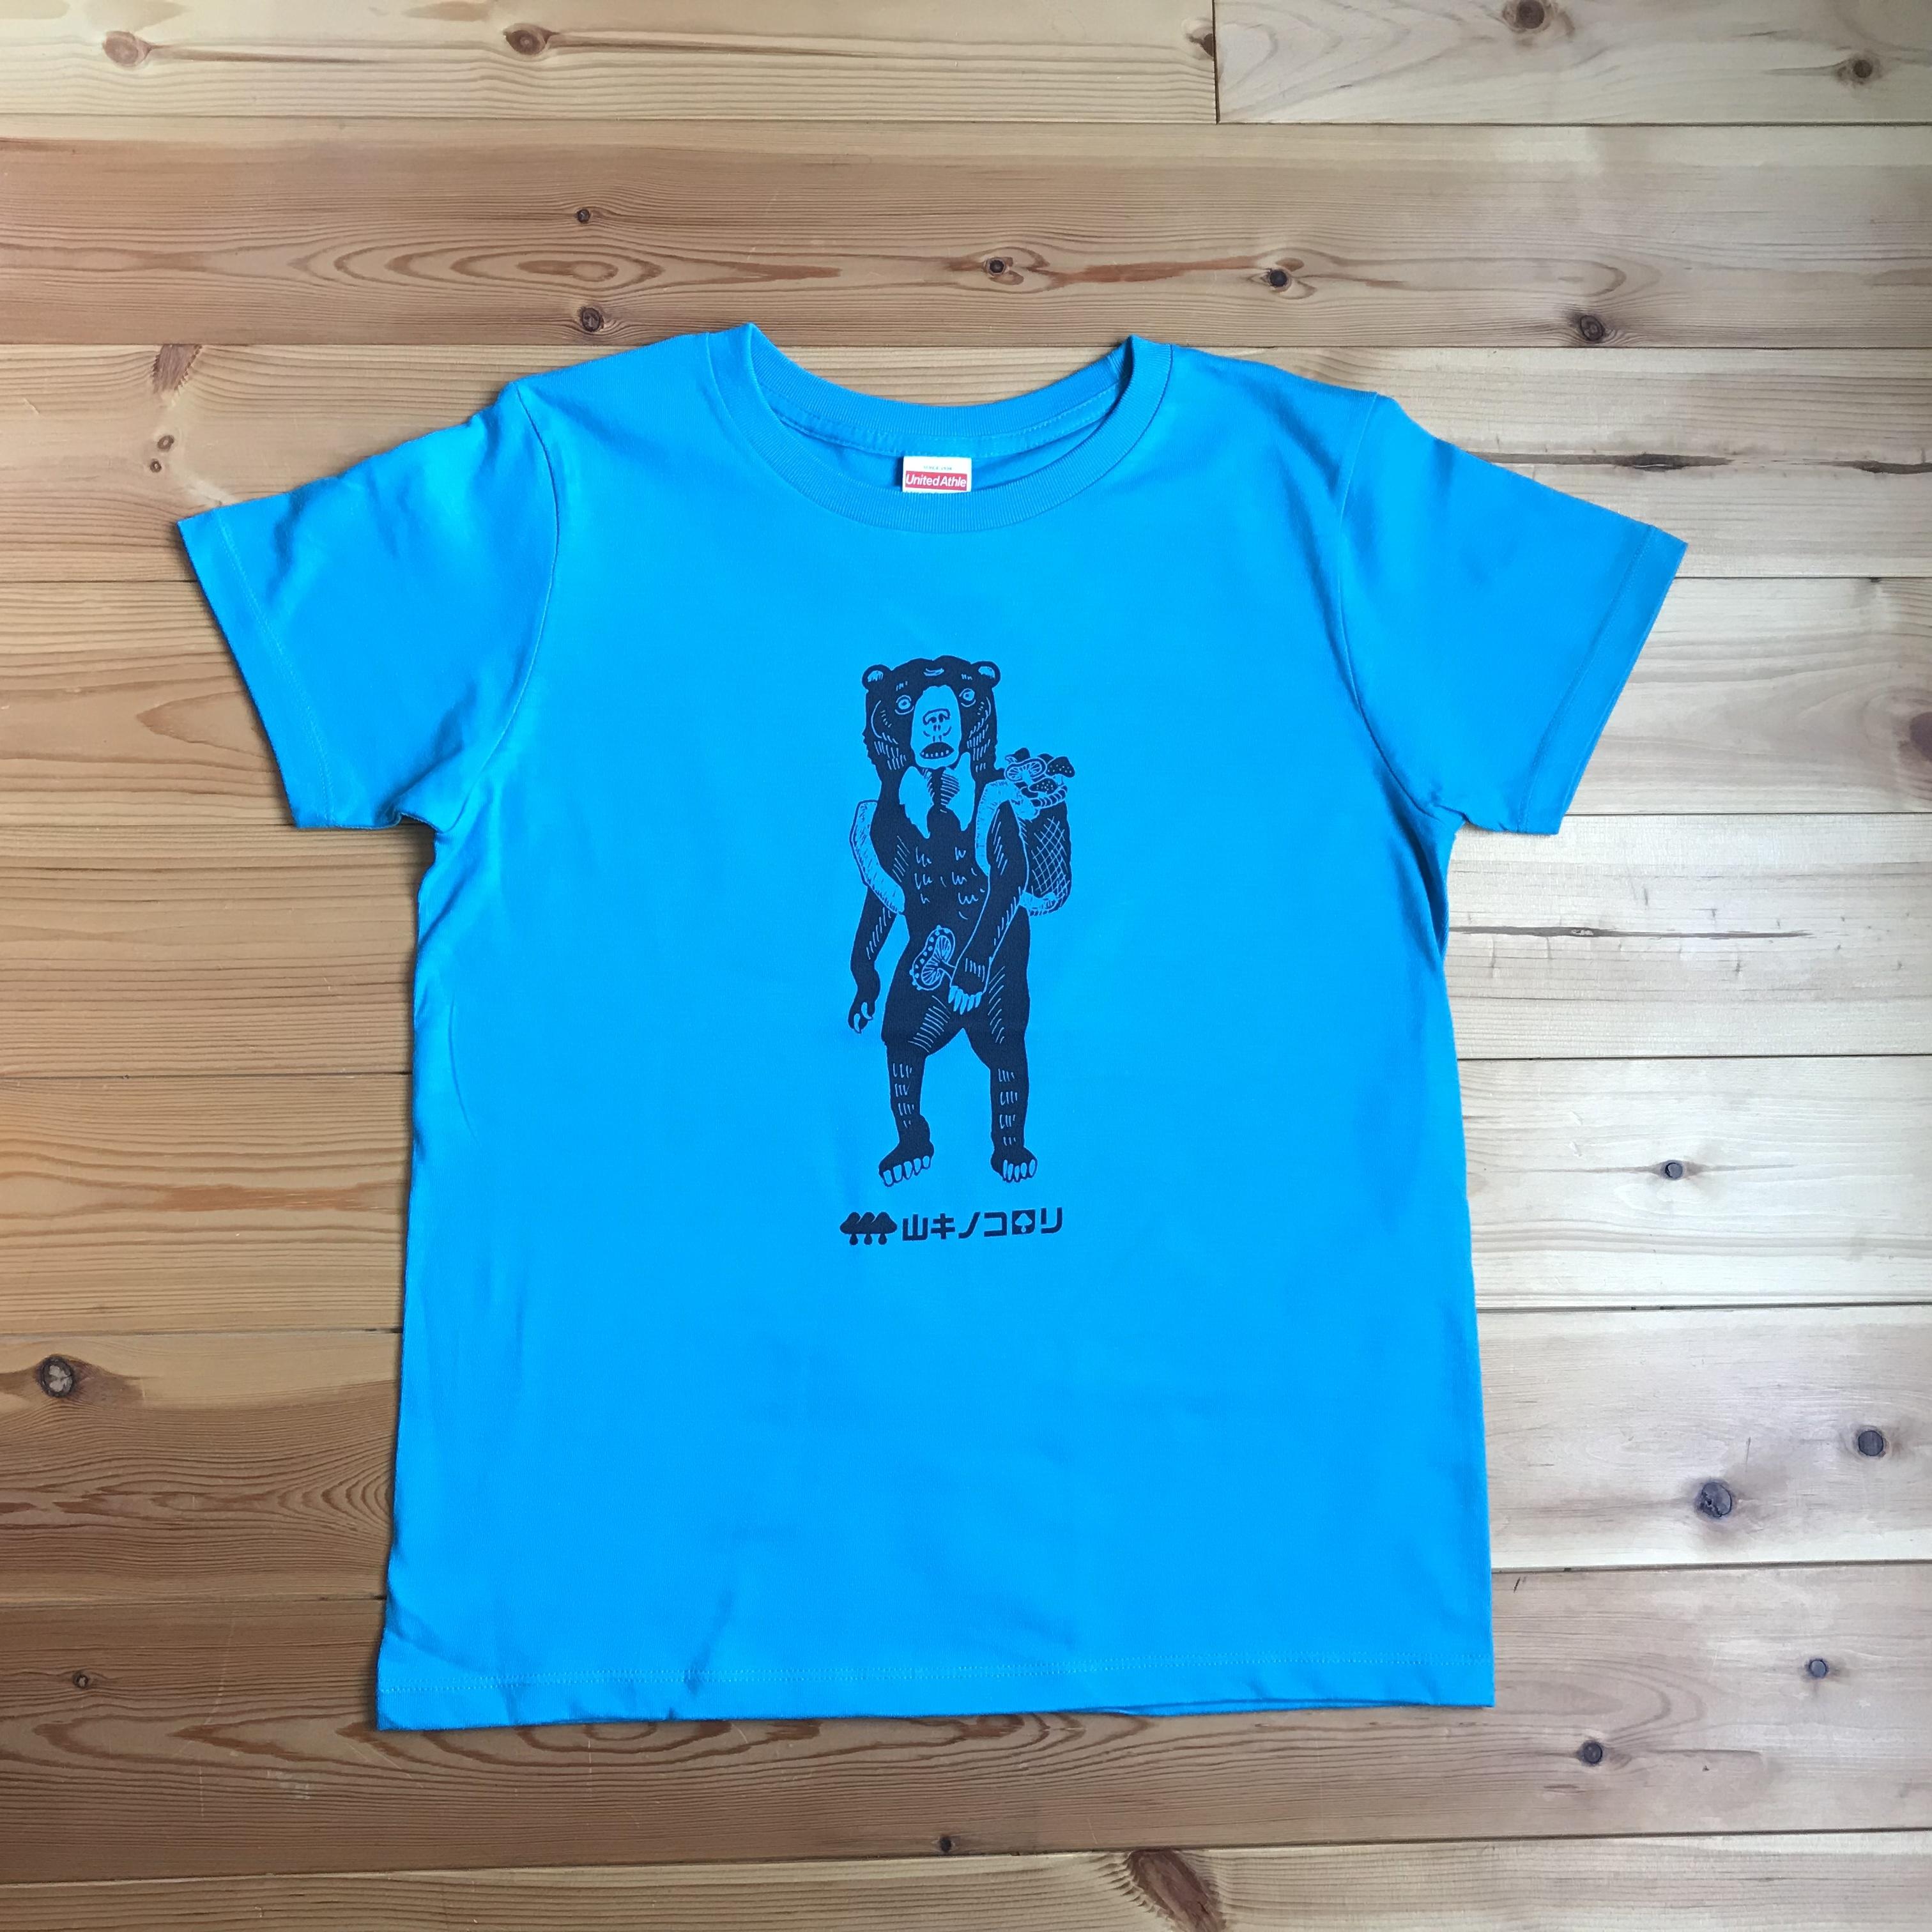 【Tシャツ(大人サイズ)】キノコ狩りをするマレーグマ(ターコイズブルー×ネイビー)